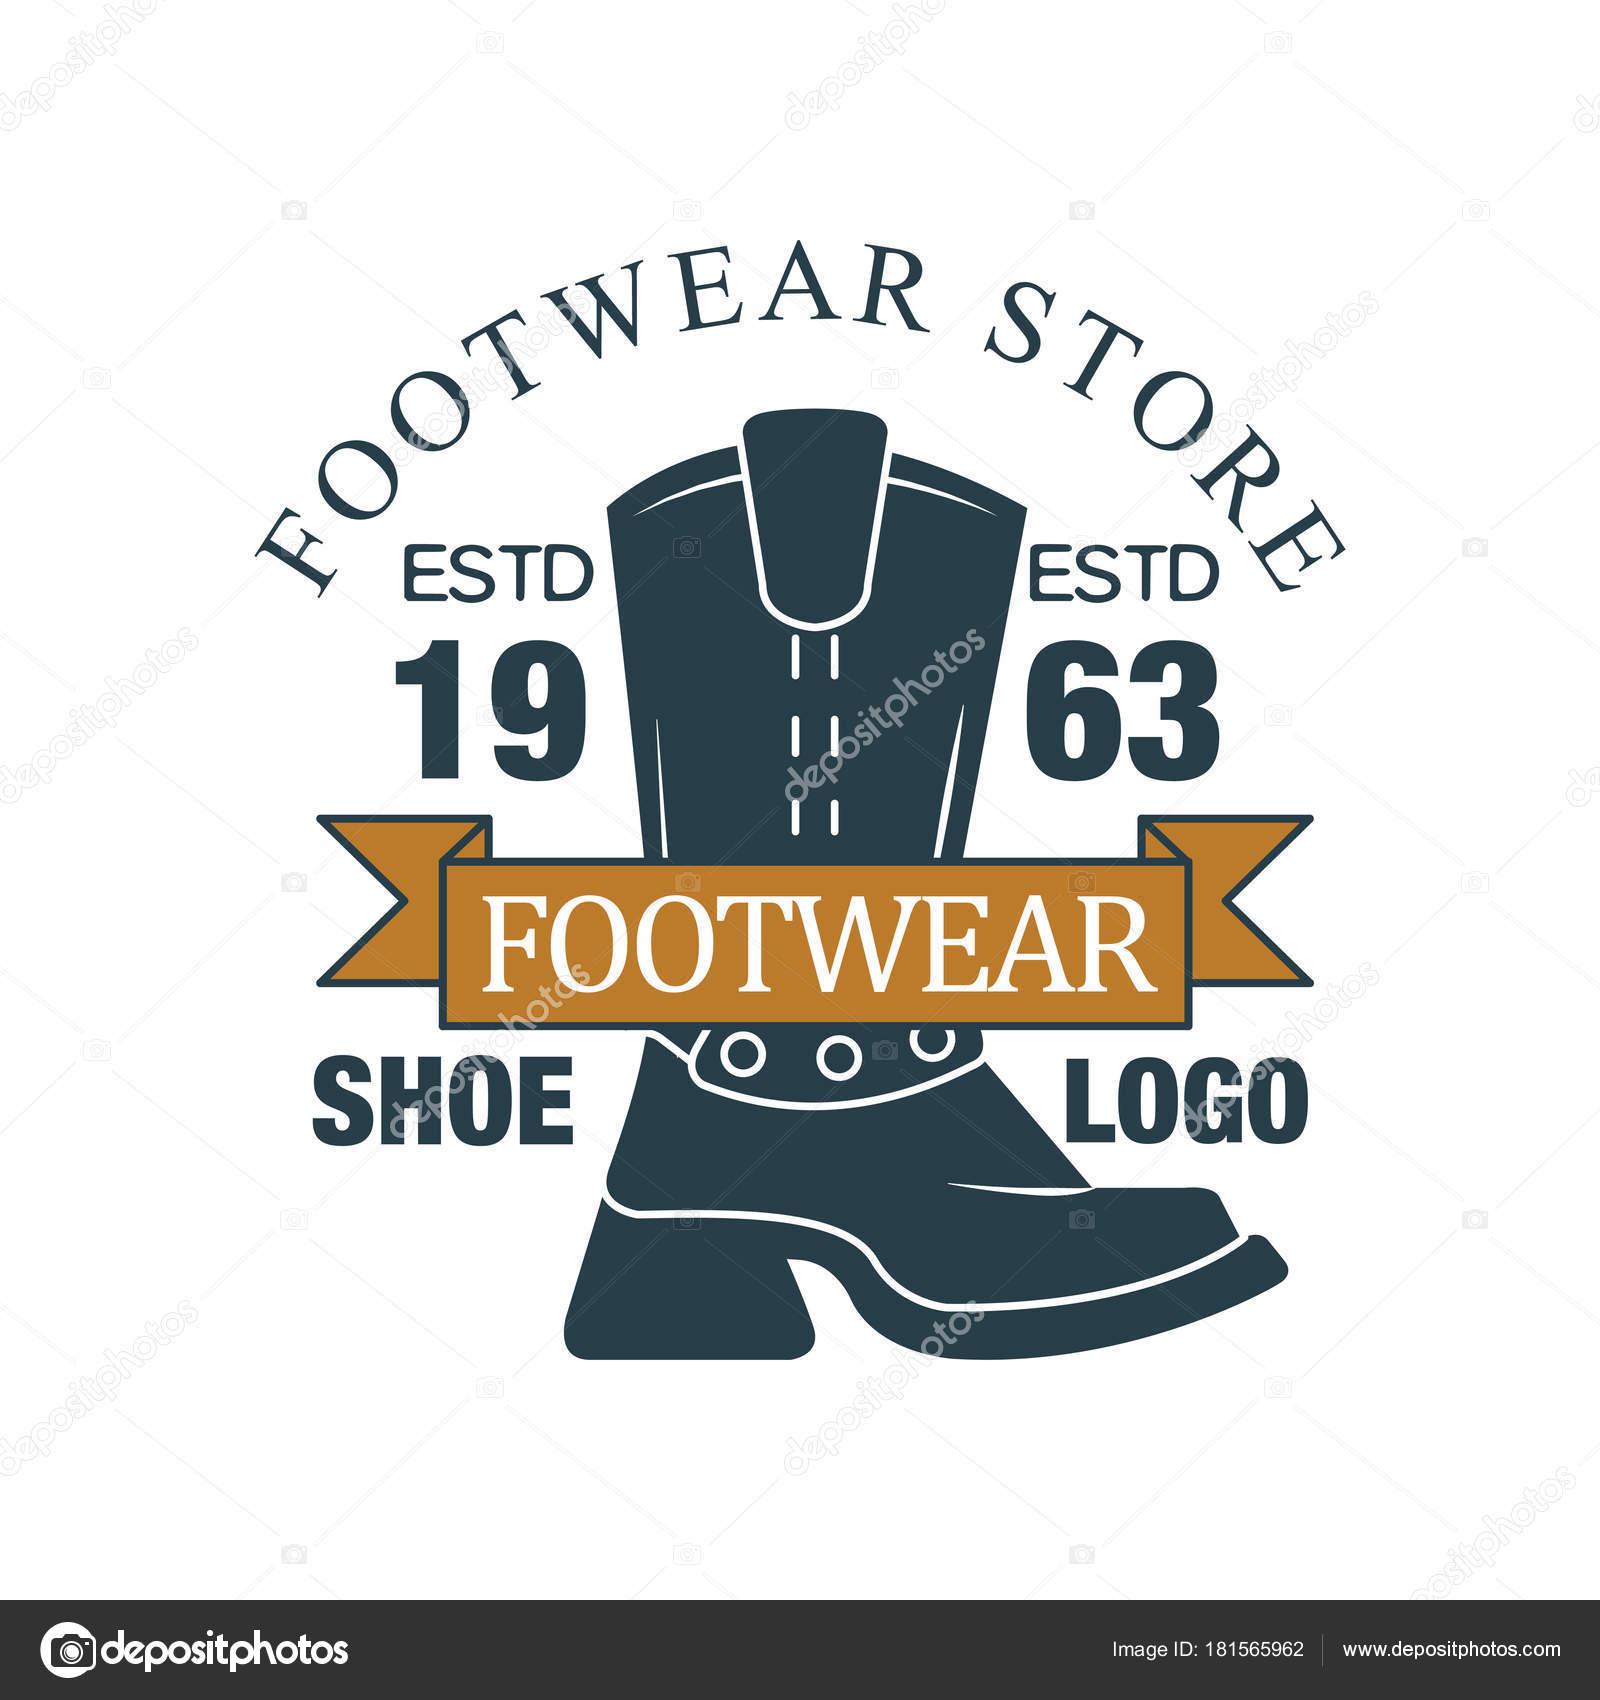 fdad62e5 Tienda de calzado, zapato logo, estd 1963, insignia vintage para empresa  identidad, marca, Zapatero o zapatos reparación vector ilustración sobre un  fondo ...